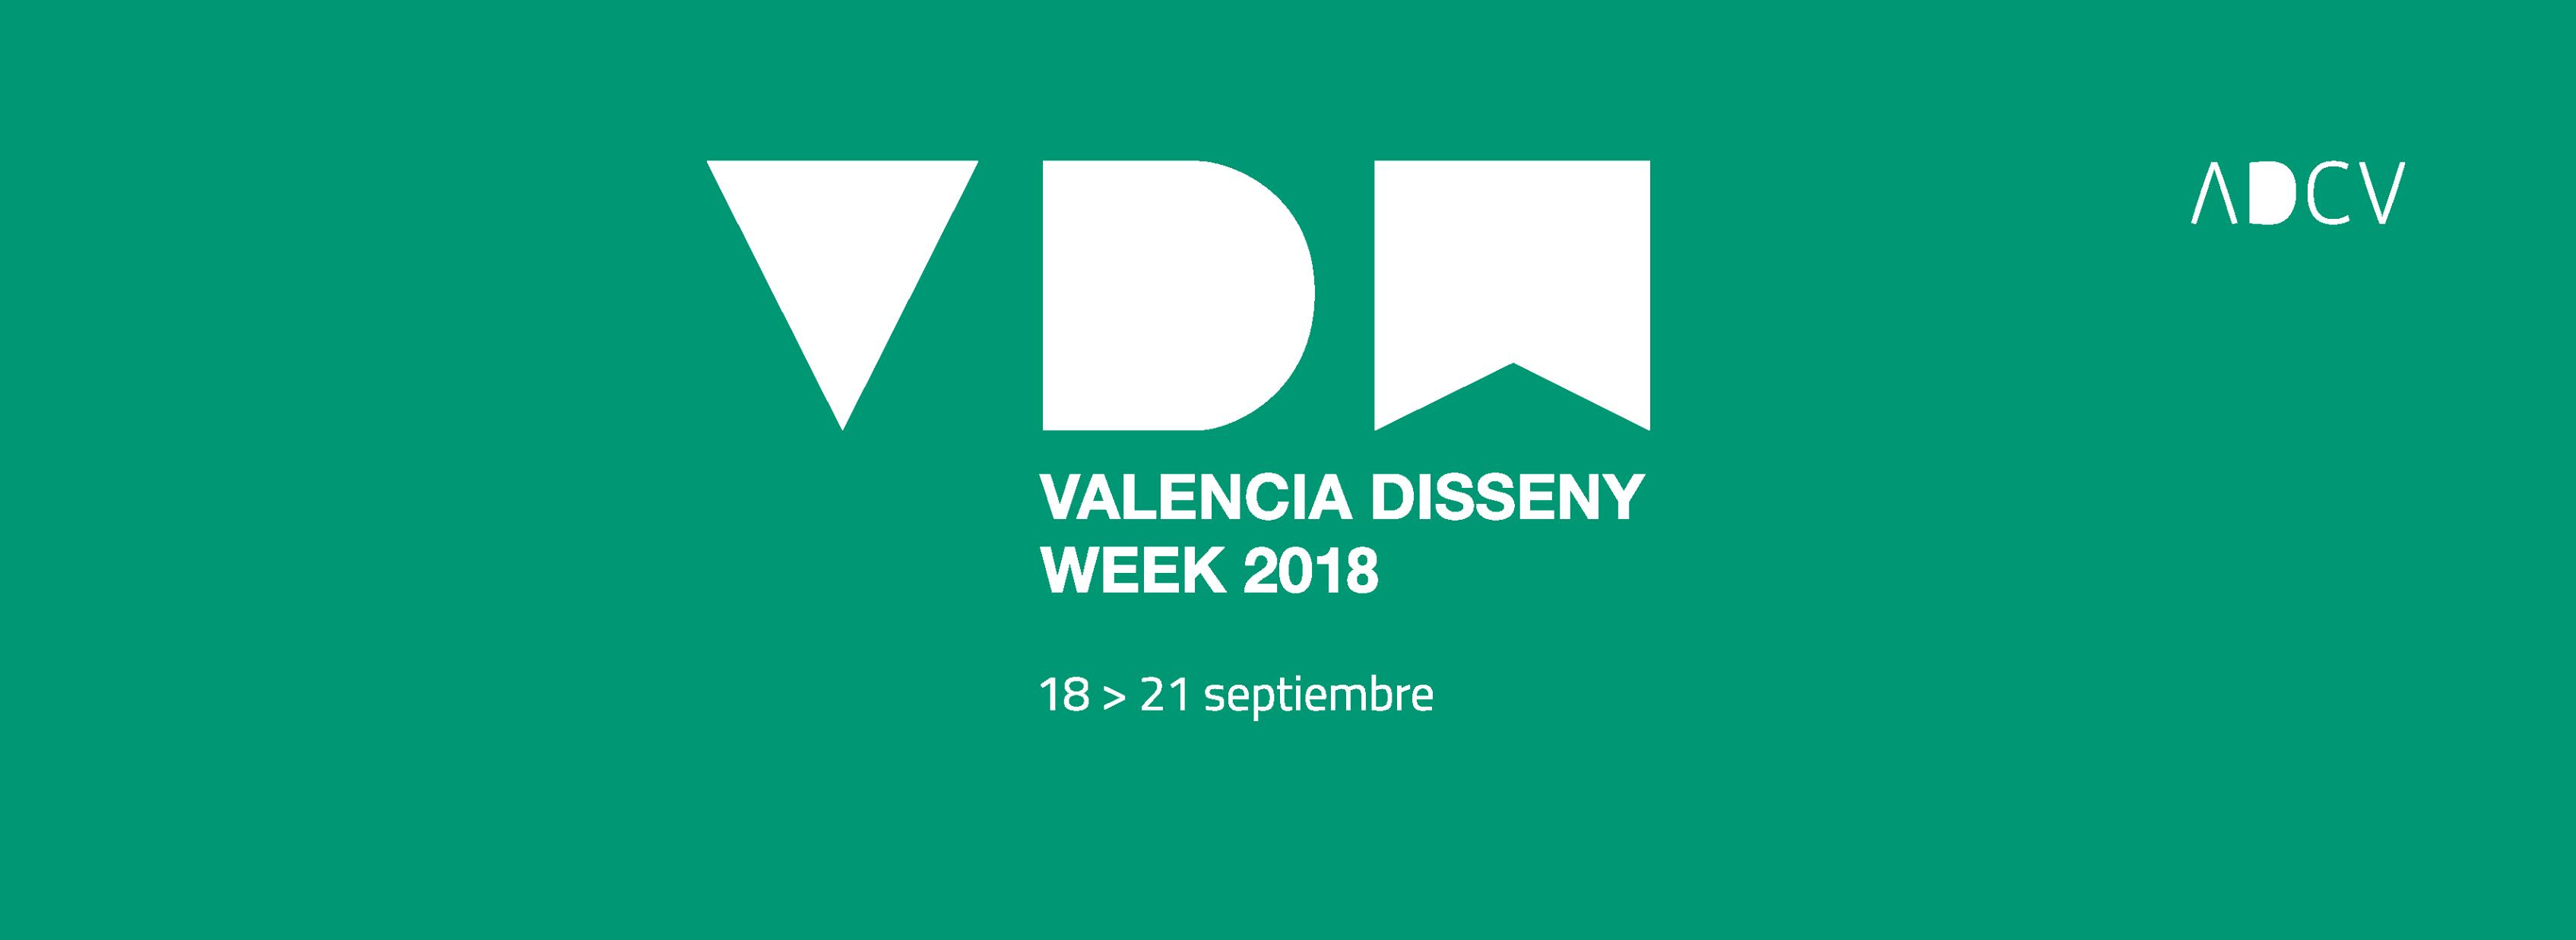 valencia disseny week 2018